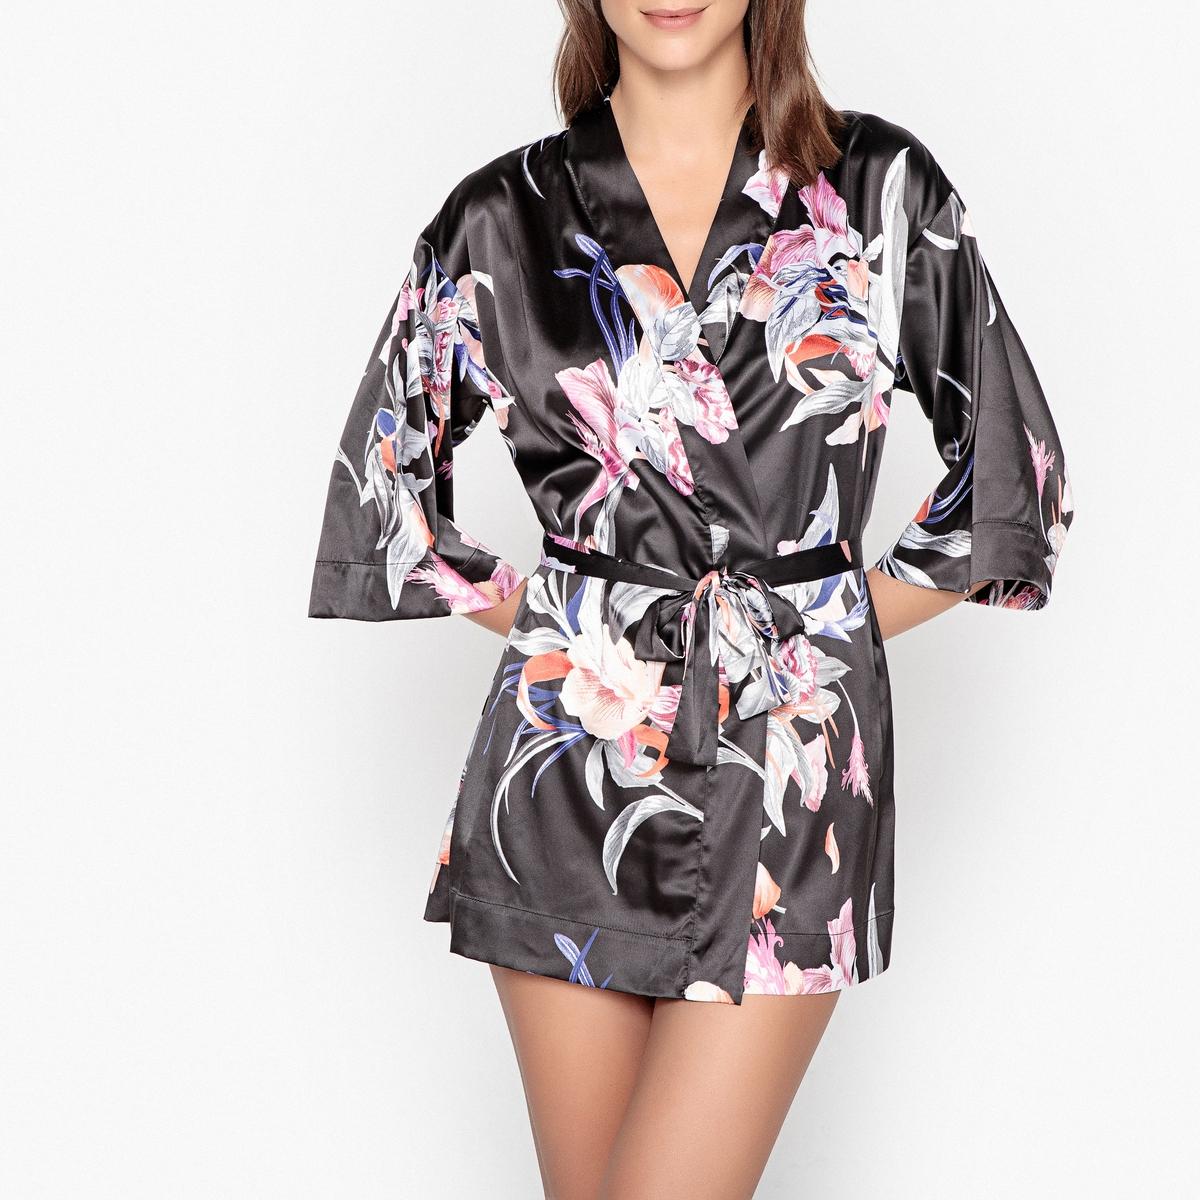 Кимоно из сатина  цветочным принтом